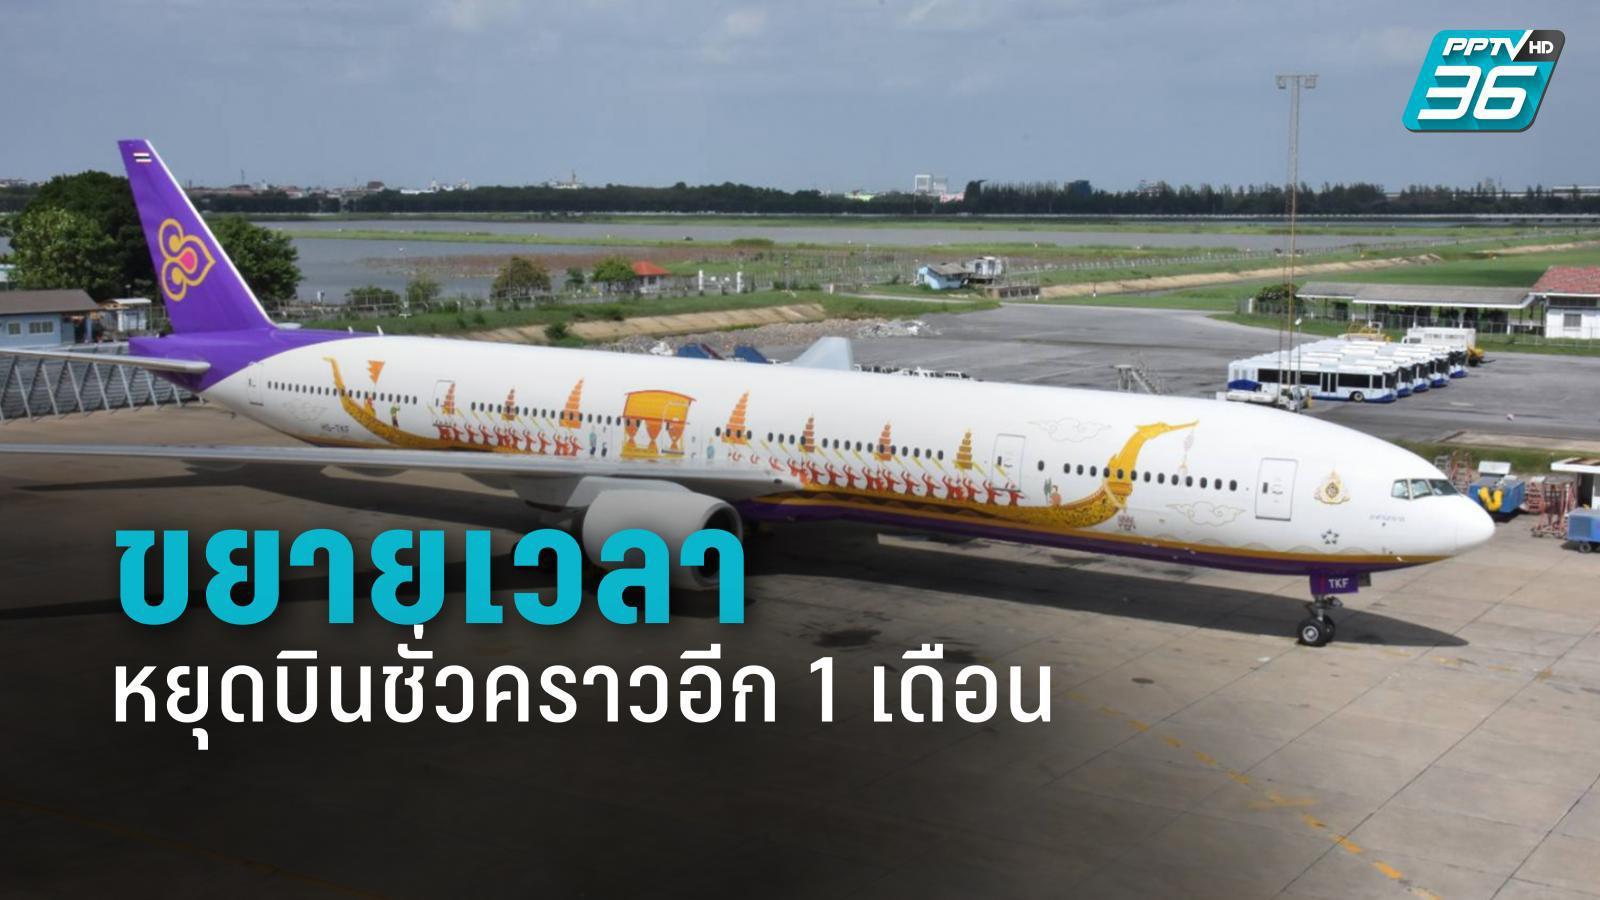 การบินไทย ขยายเวลาหยุดบินชั่วคราวอีก 1 เดือนถึงสิ้นเดือนมิ.ย.63